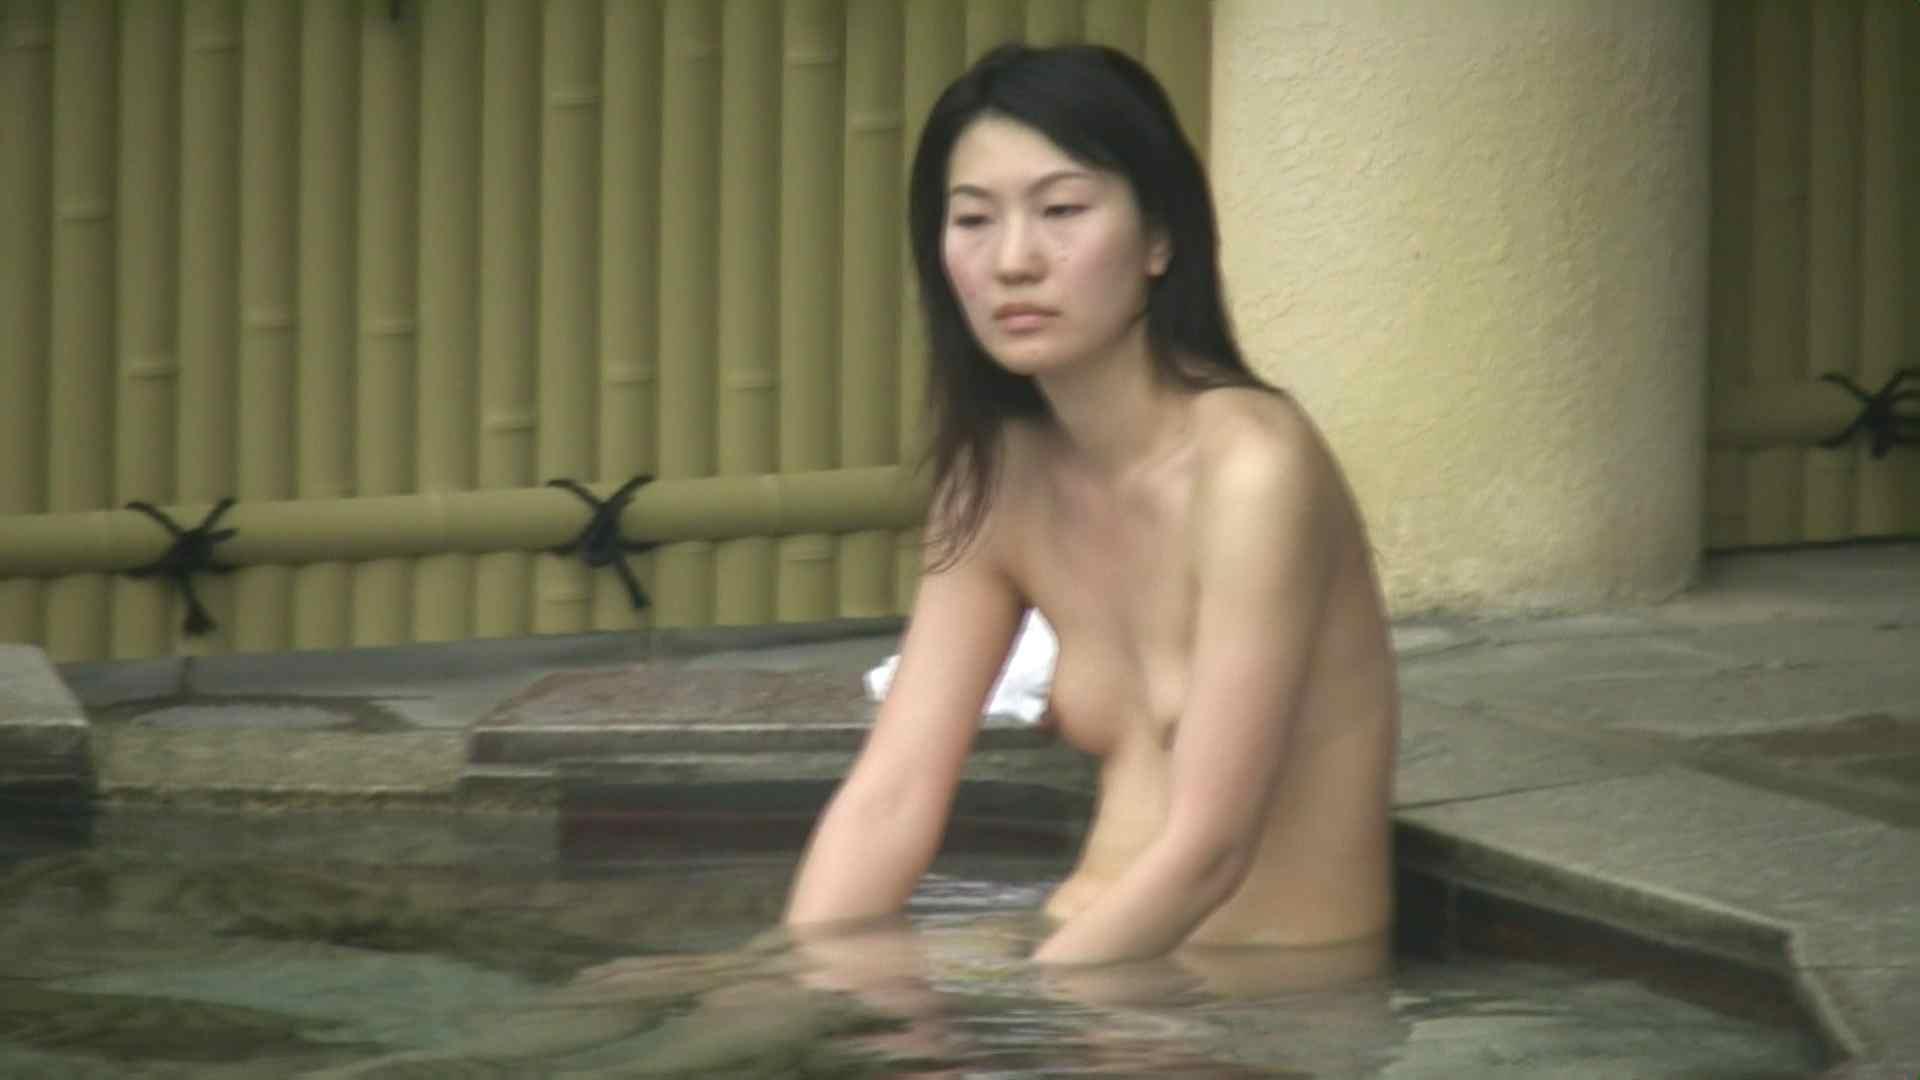 高画質露天女風呂観察 vol.034 望遠 AV無料動画キャプチャ 107pic 97